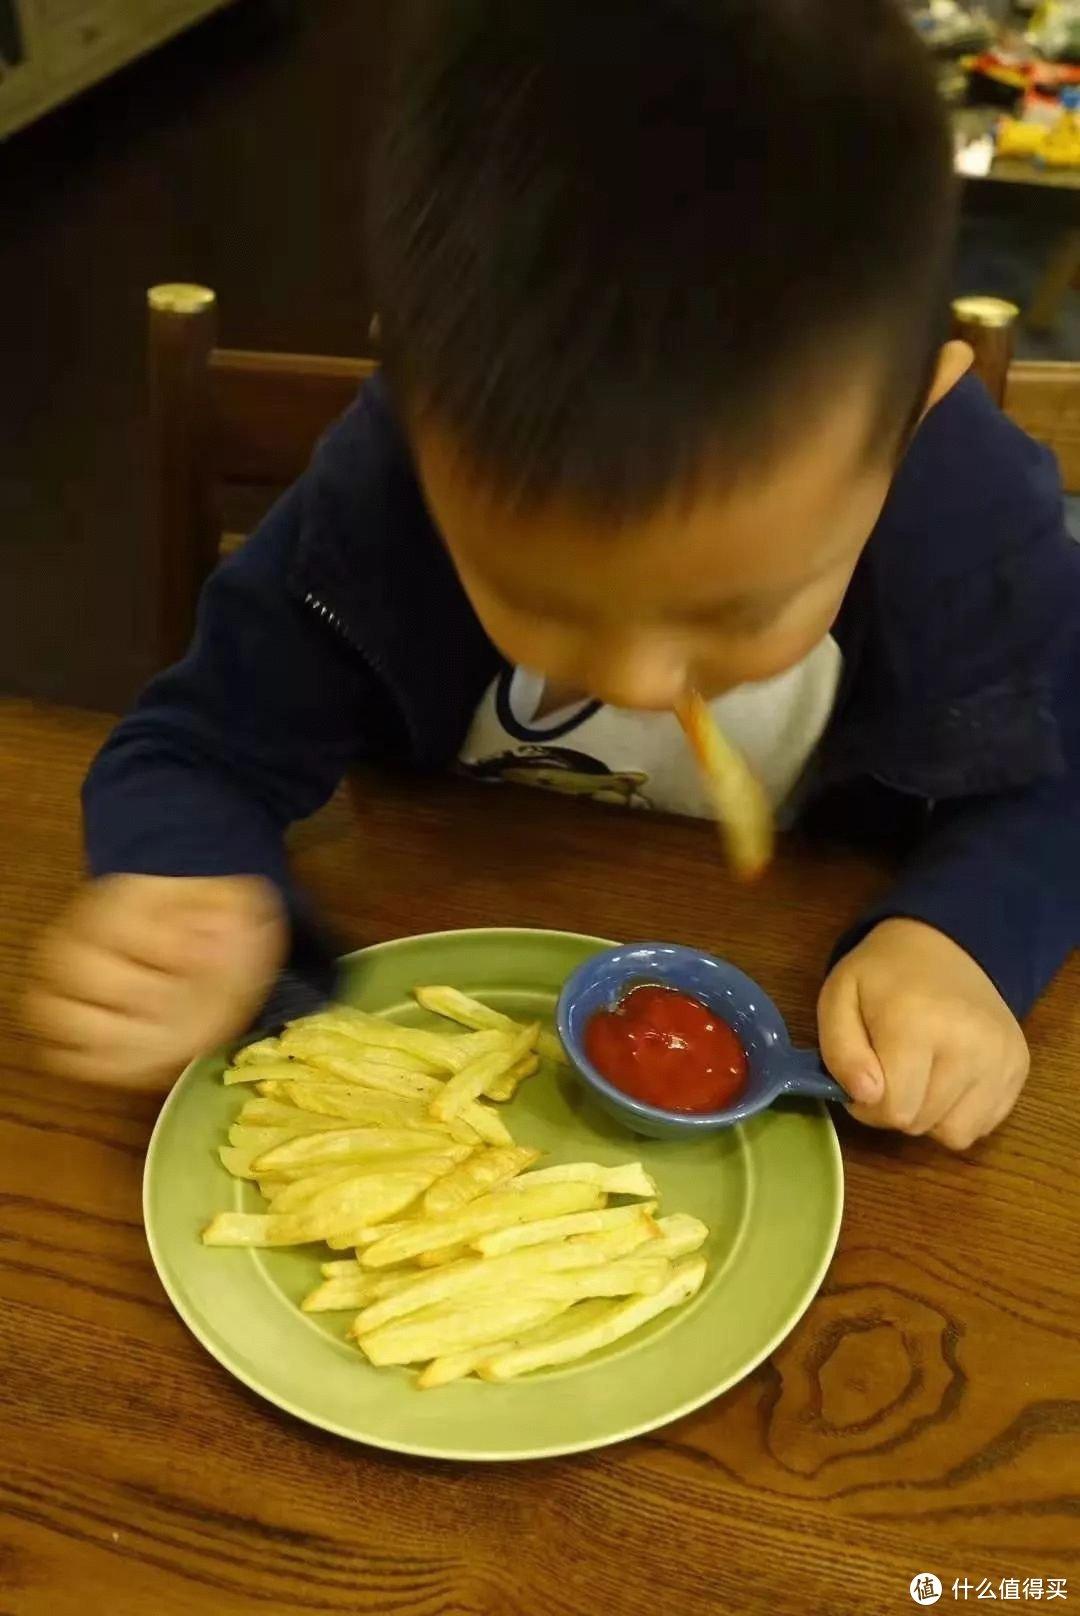 吃薯条开心到模糊的被哄小蓝孩